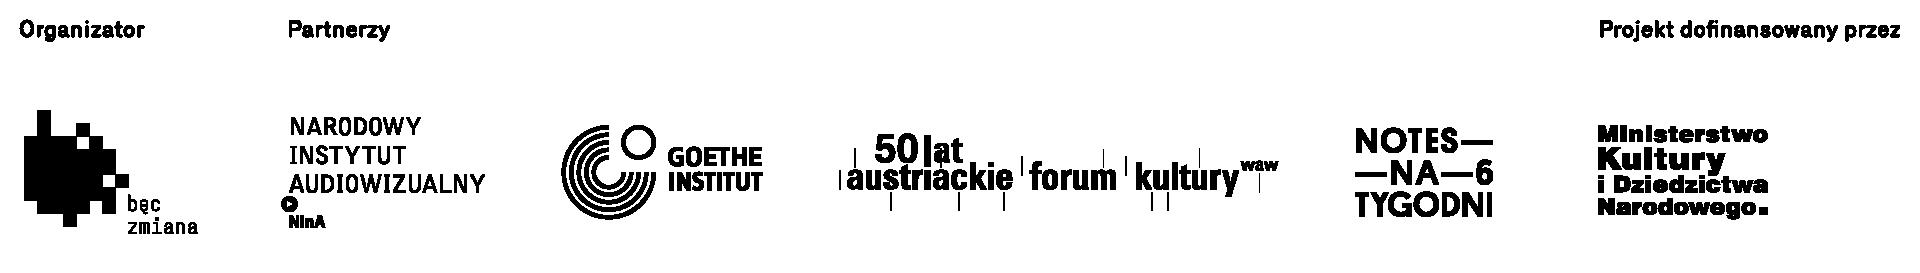 RCM_strona www_01 logotypy2